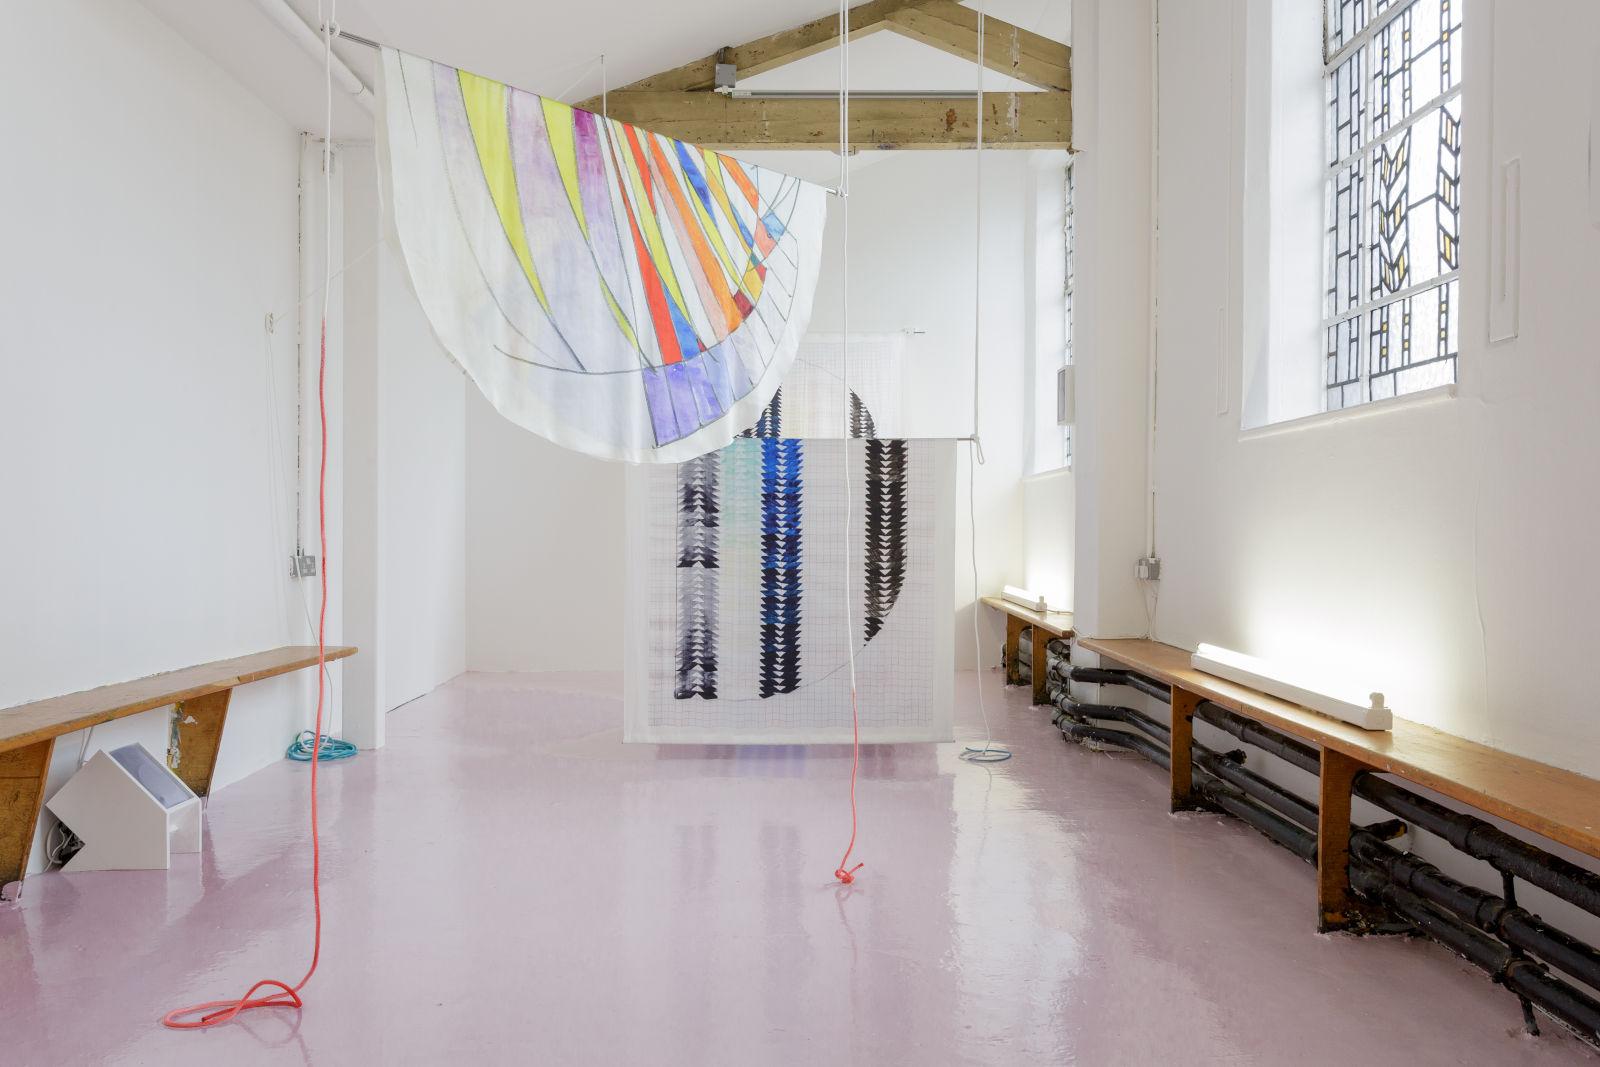 Zabludowicz Collection Fay Zmija Nicolson 1